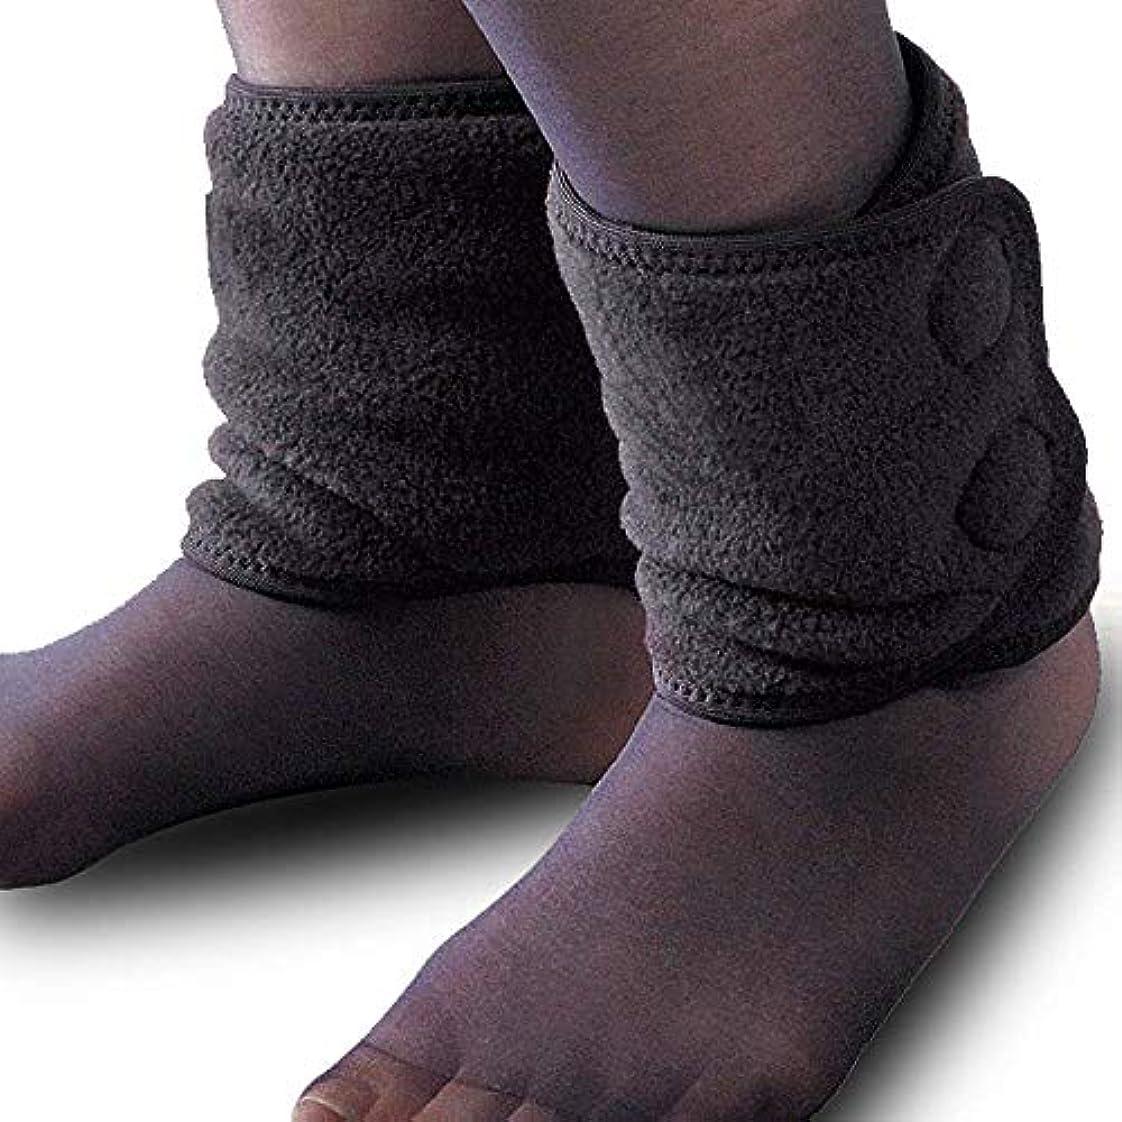 砂漠能力過敏なbonbone 発熱ウォーマー足くび用 ブラック ×2個セット